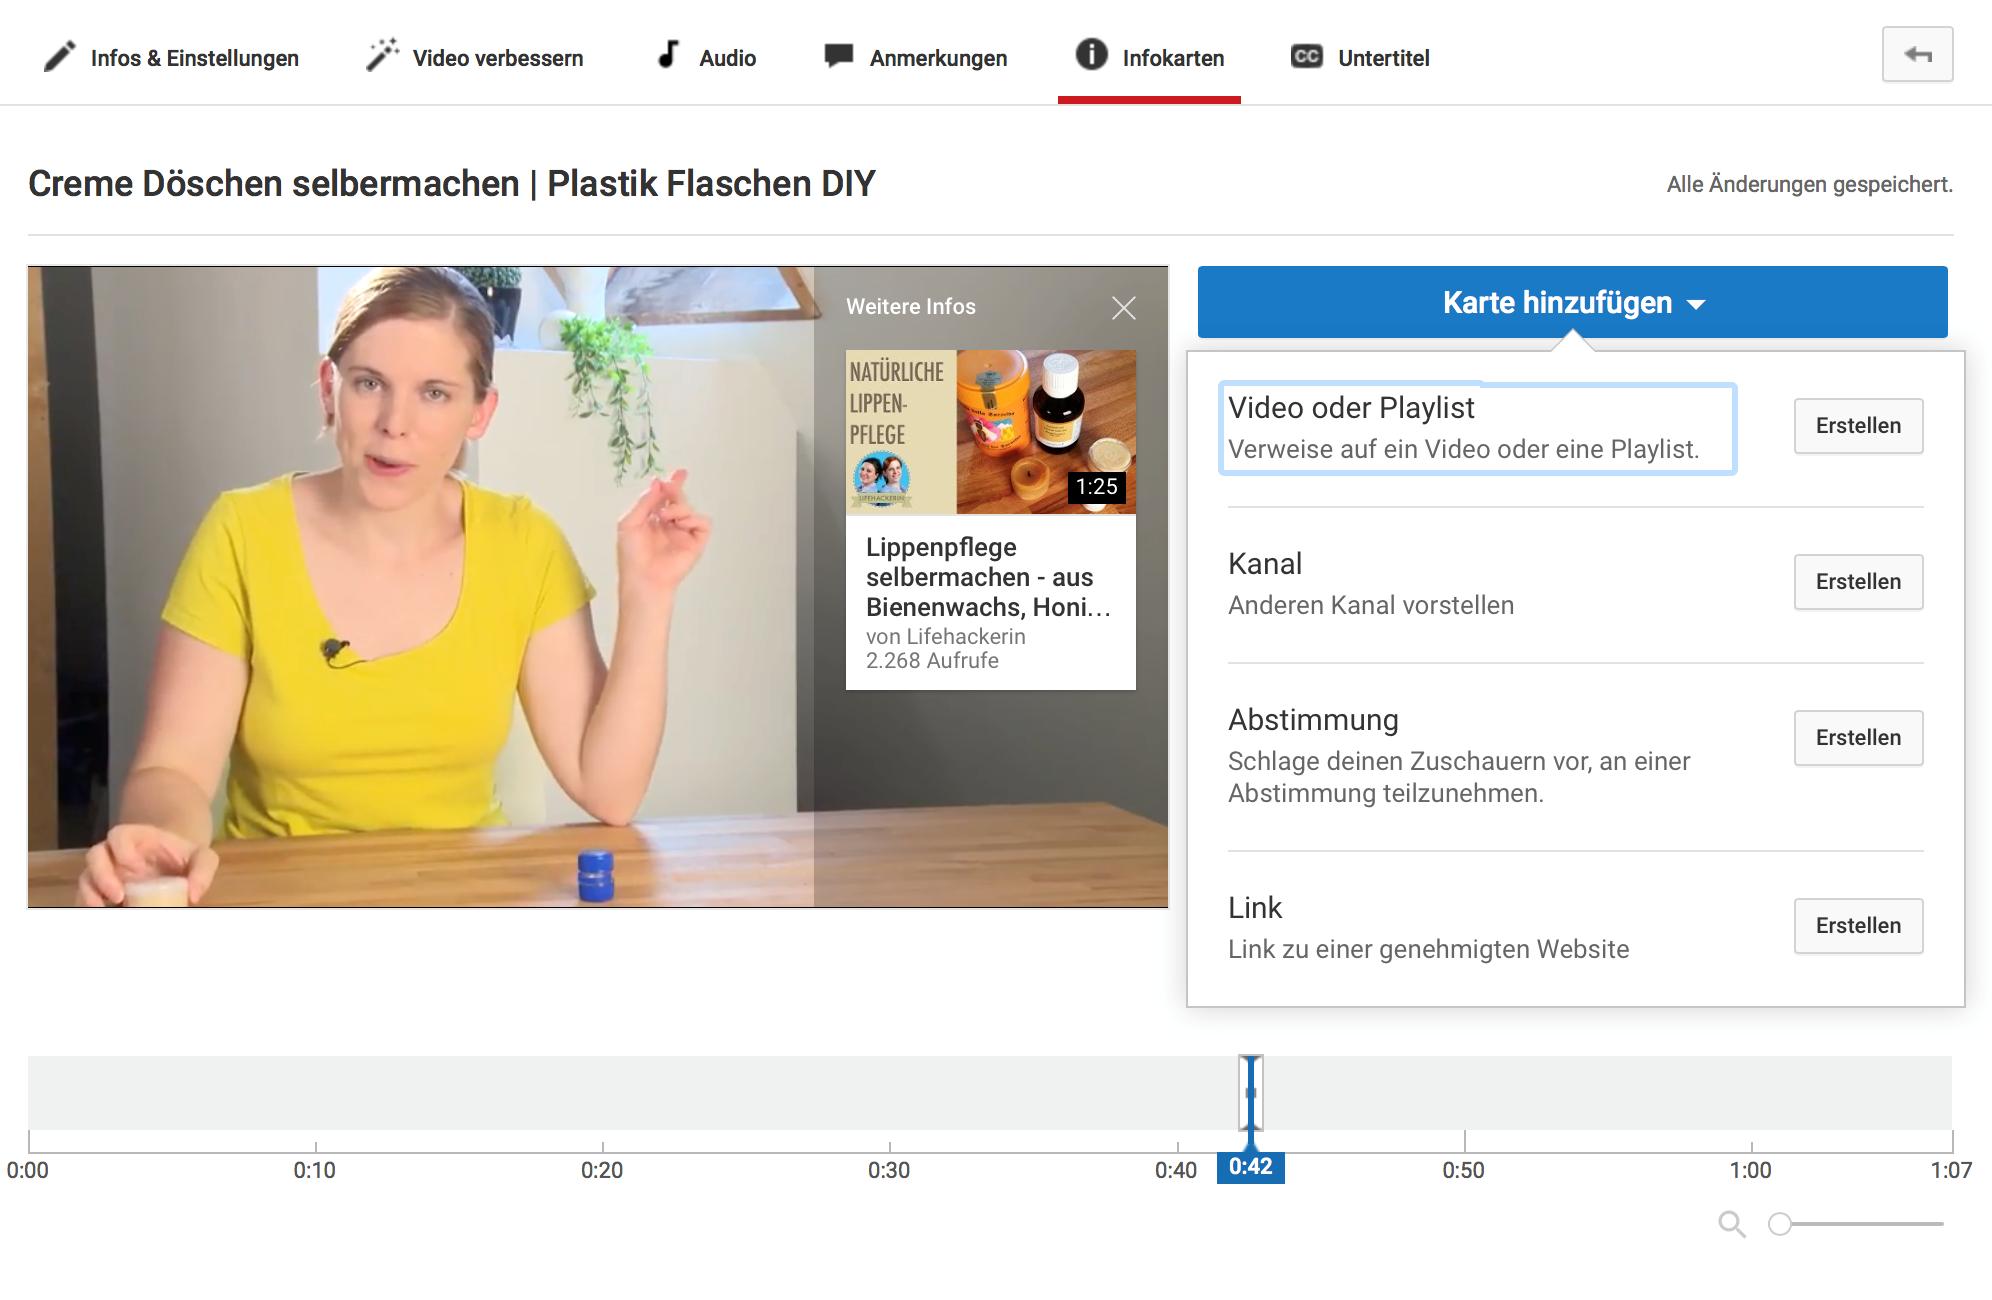 Youtube Video Infocard einbinden